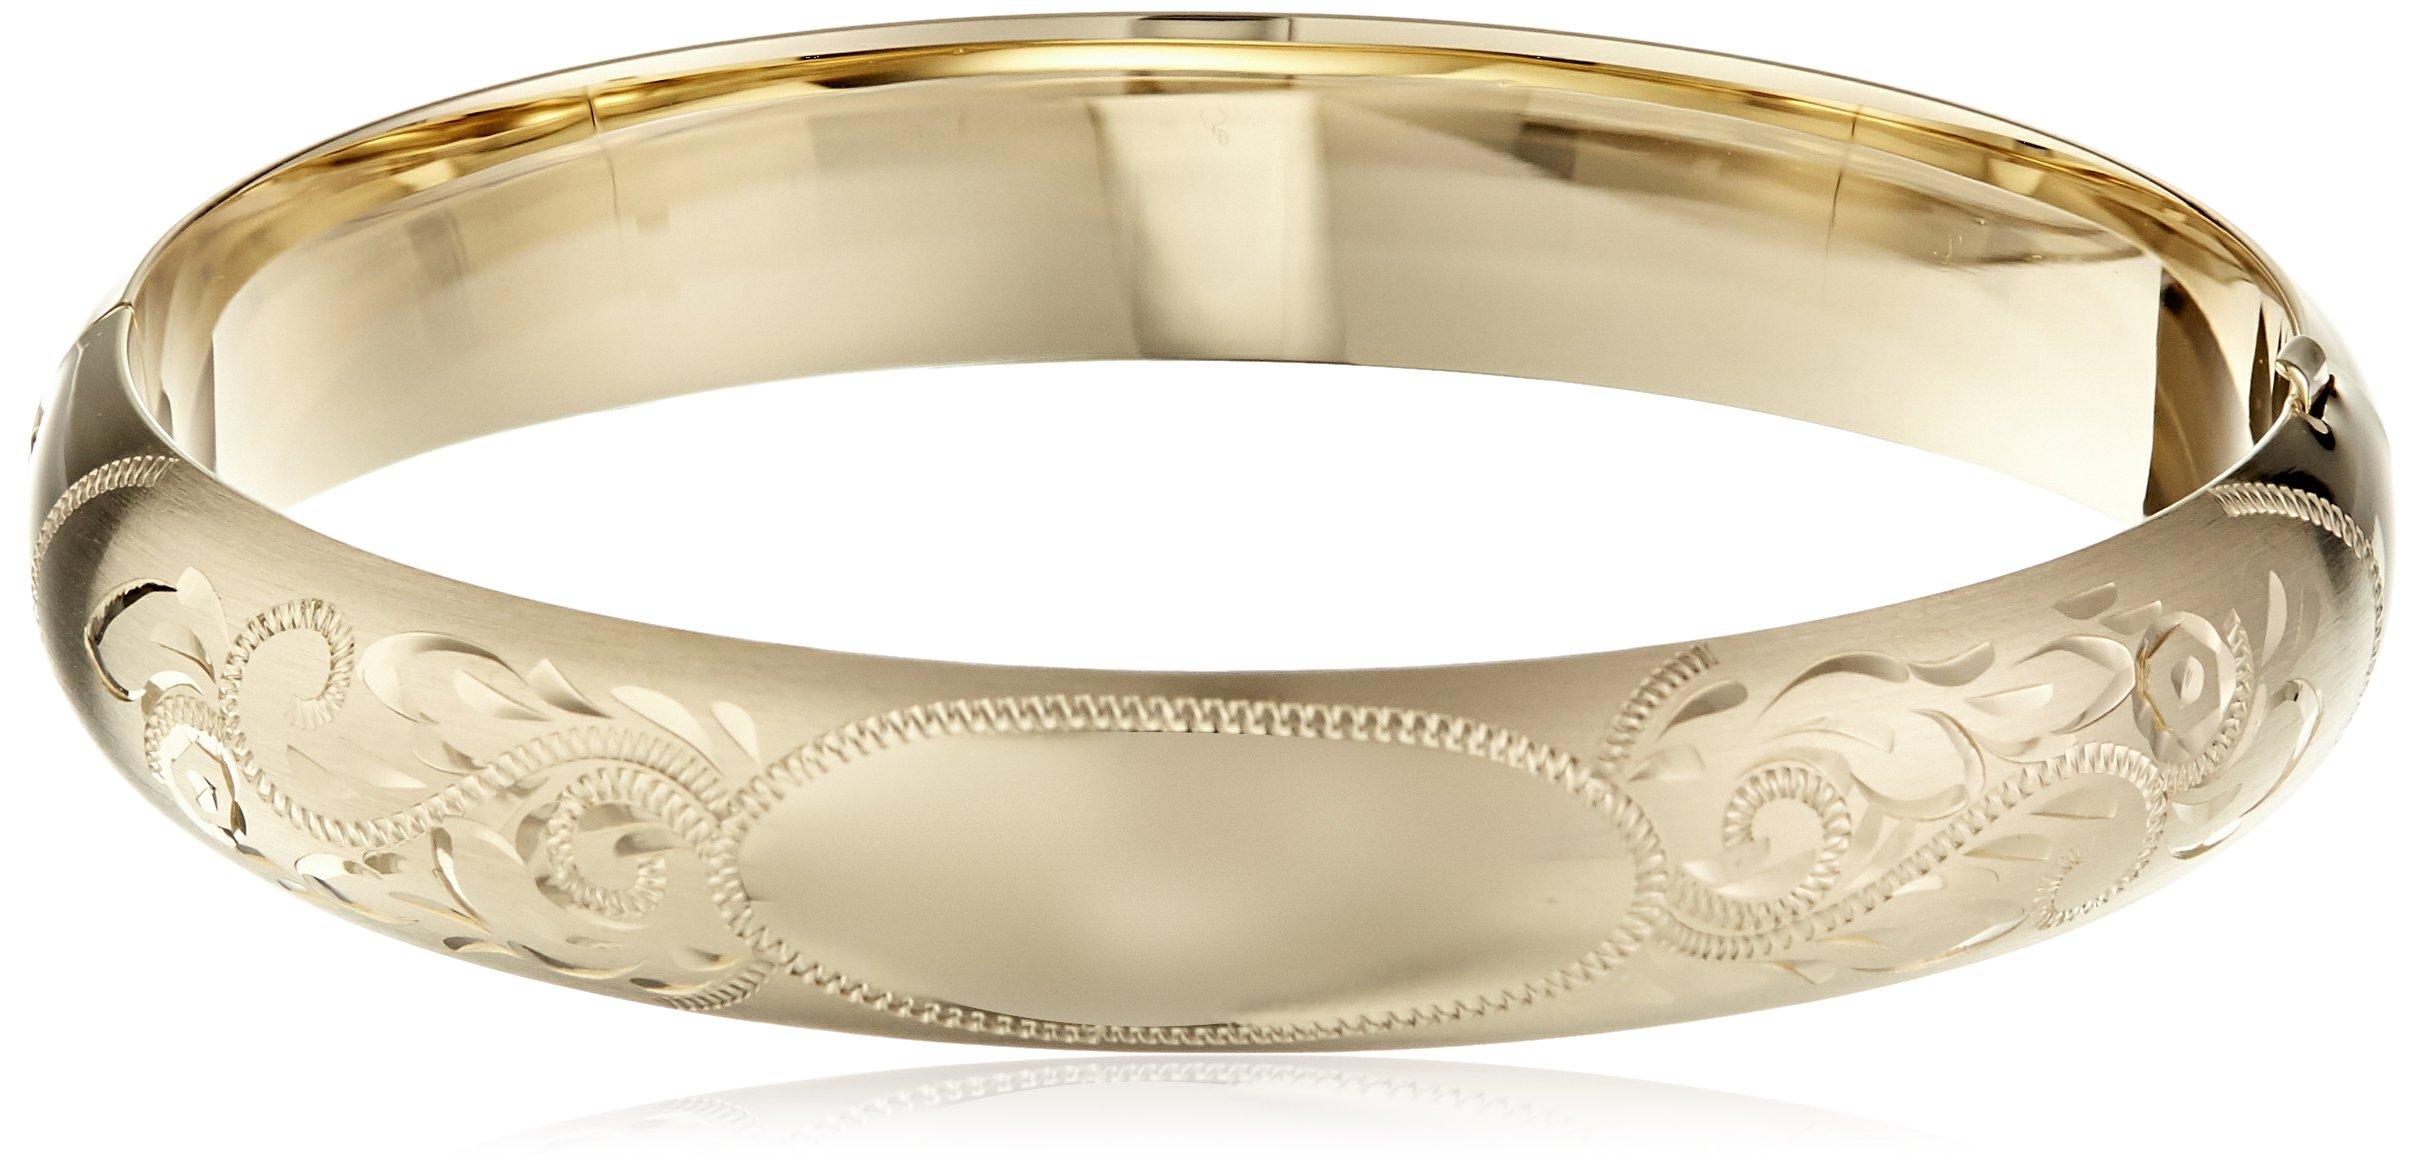 14k Gold-Filled Engraved Hinged Bangle Bracelet